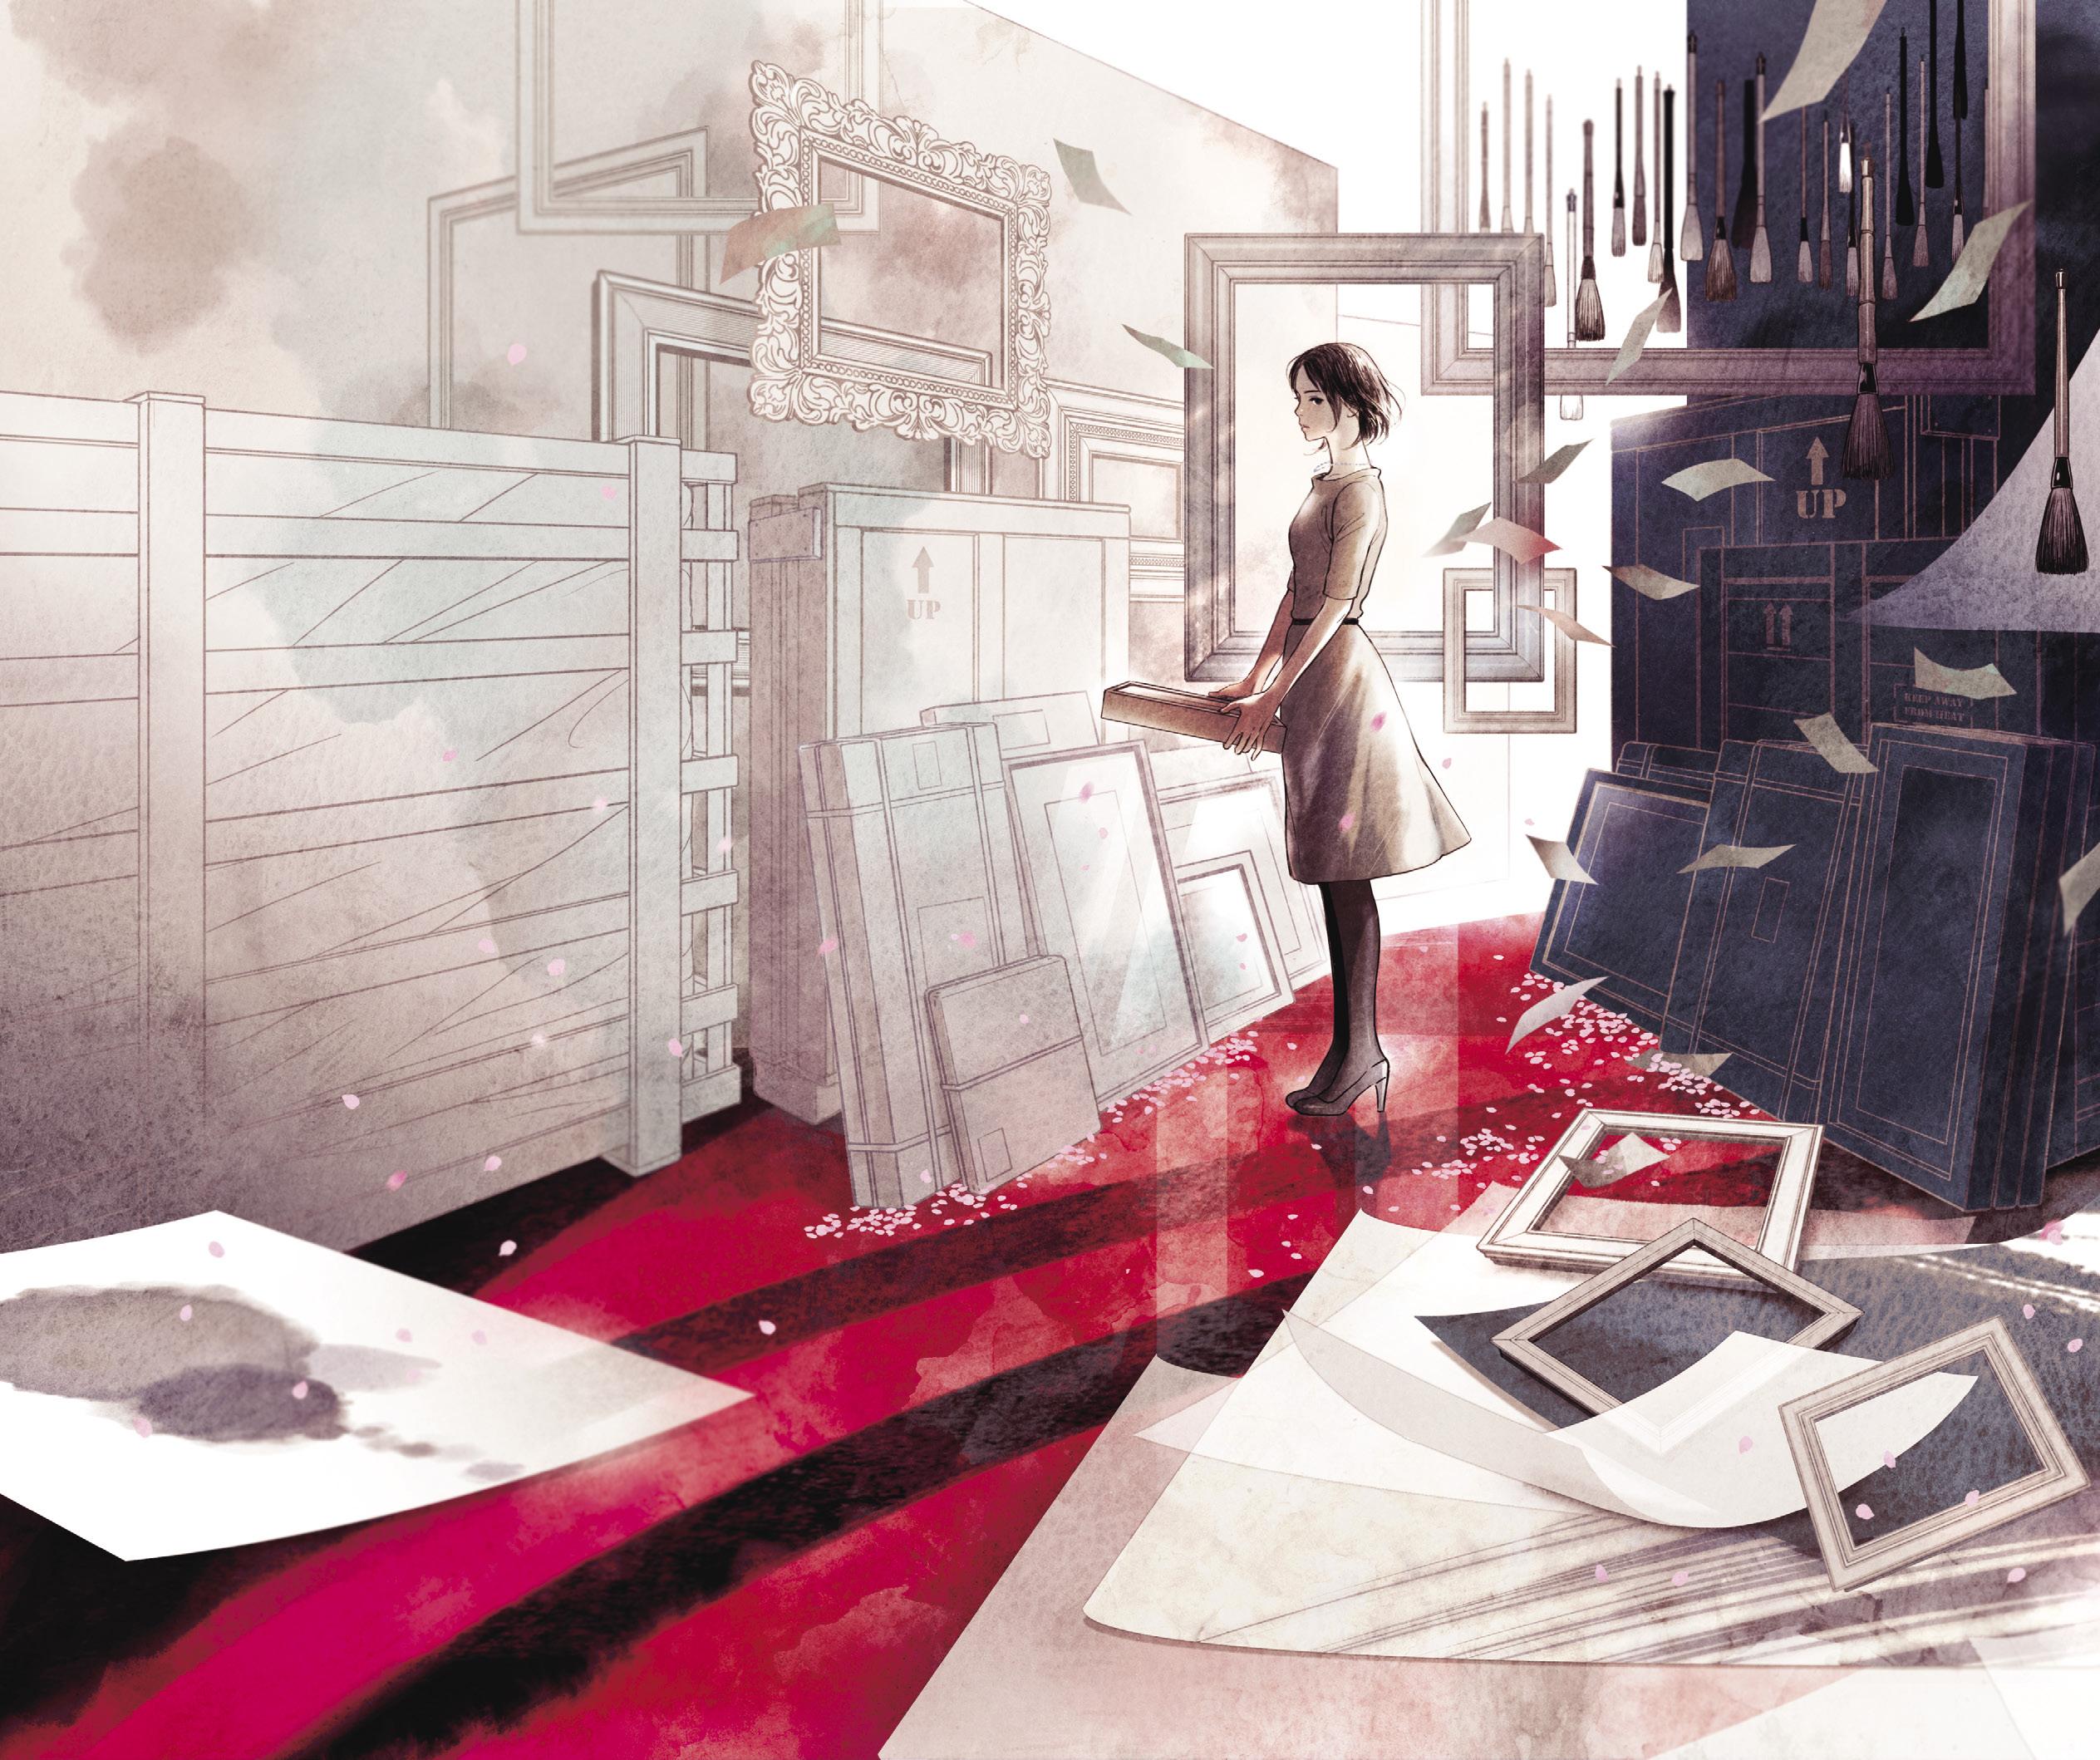 書籍装画のクリエイティビティのヒミツ 対談:坂野公一✕丹地陽子